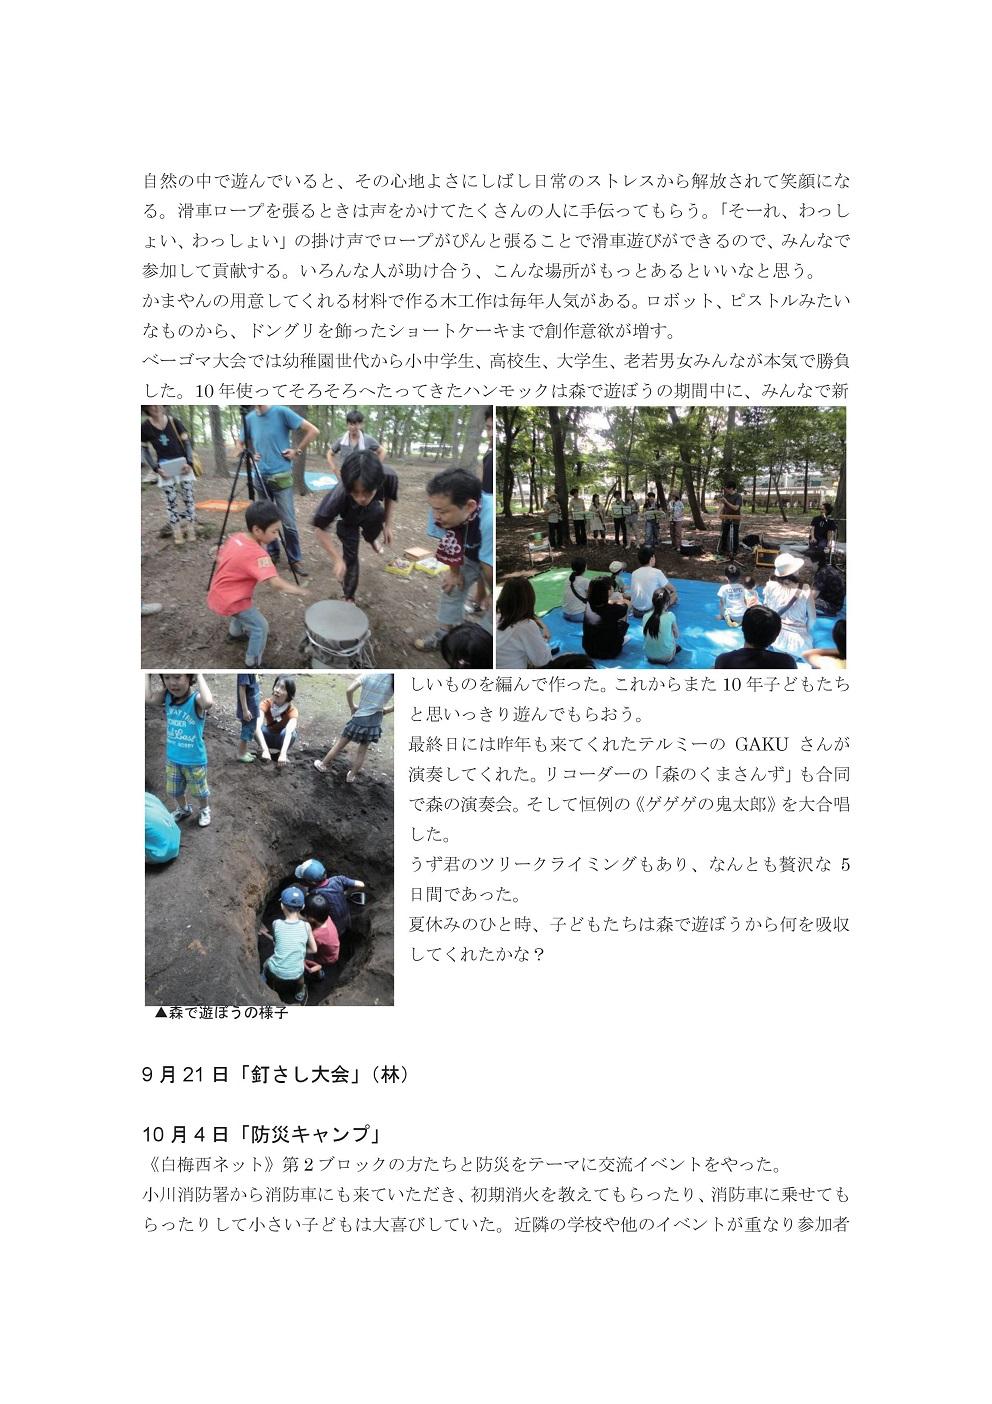 2014年度 活動報告書 こだいら自由遊びの会2-003.jpg